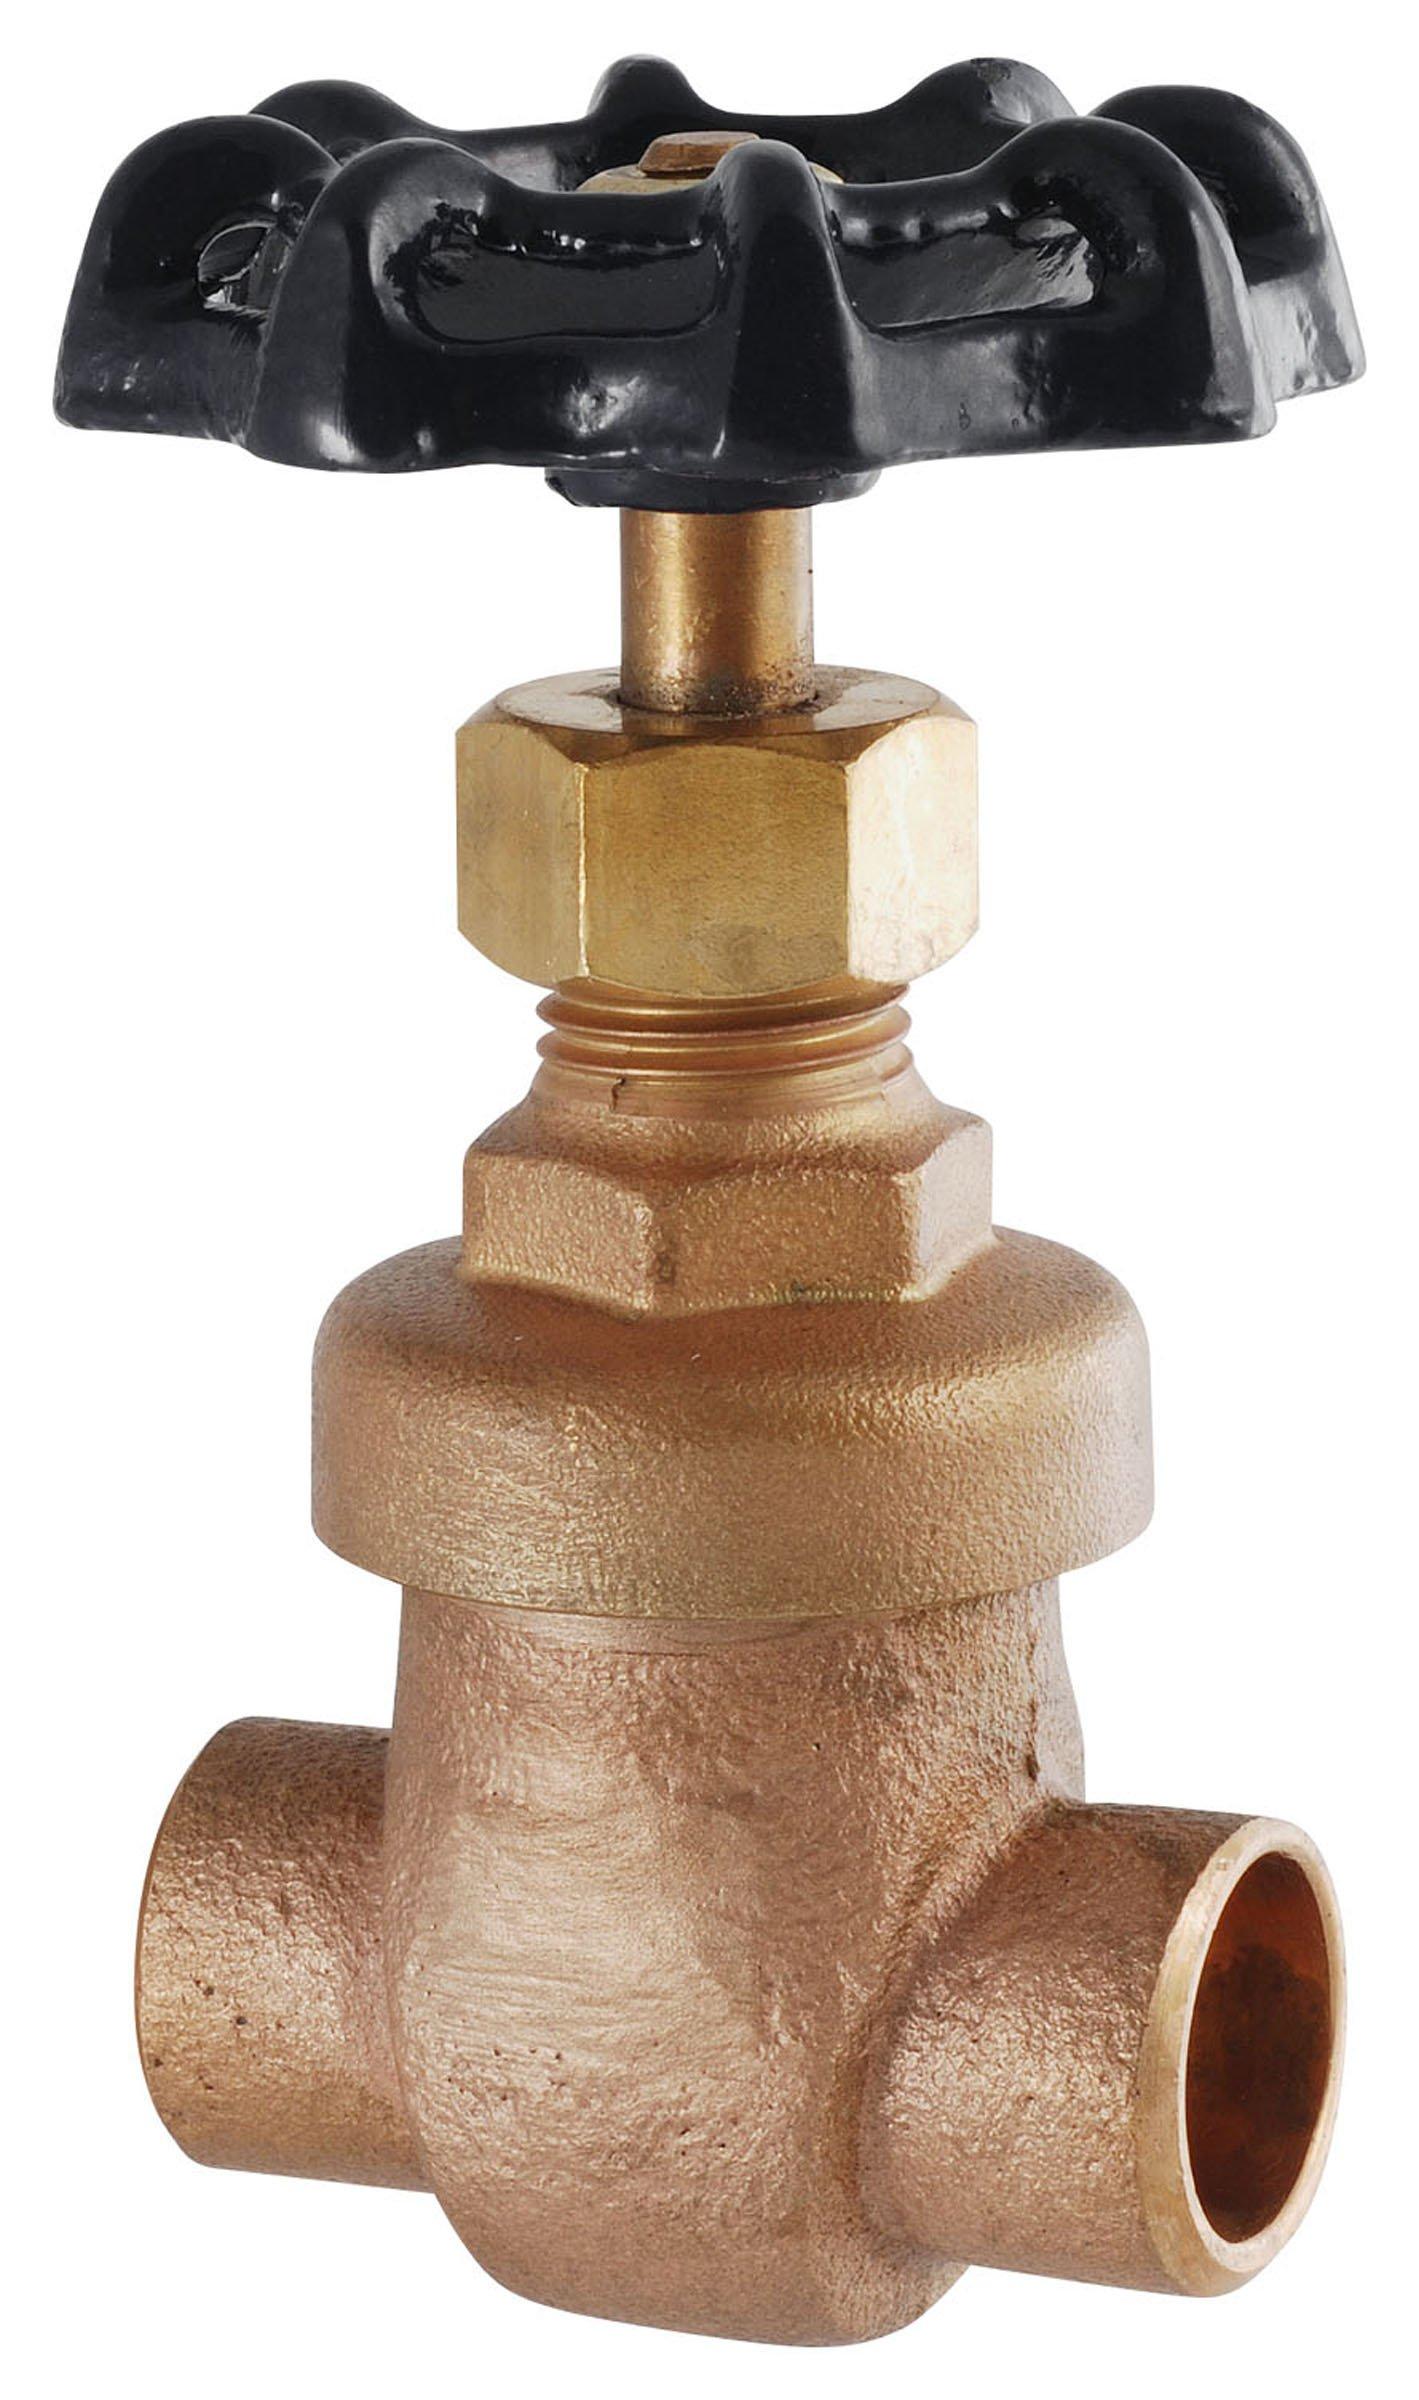 LDR 021 1215 1-Inch Sweat Gate Valve, Bronze